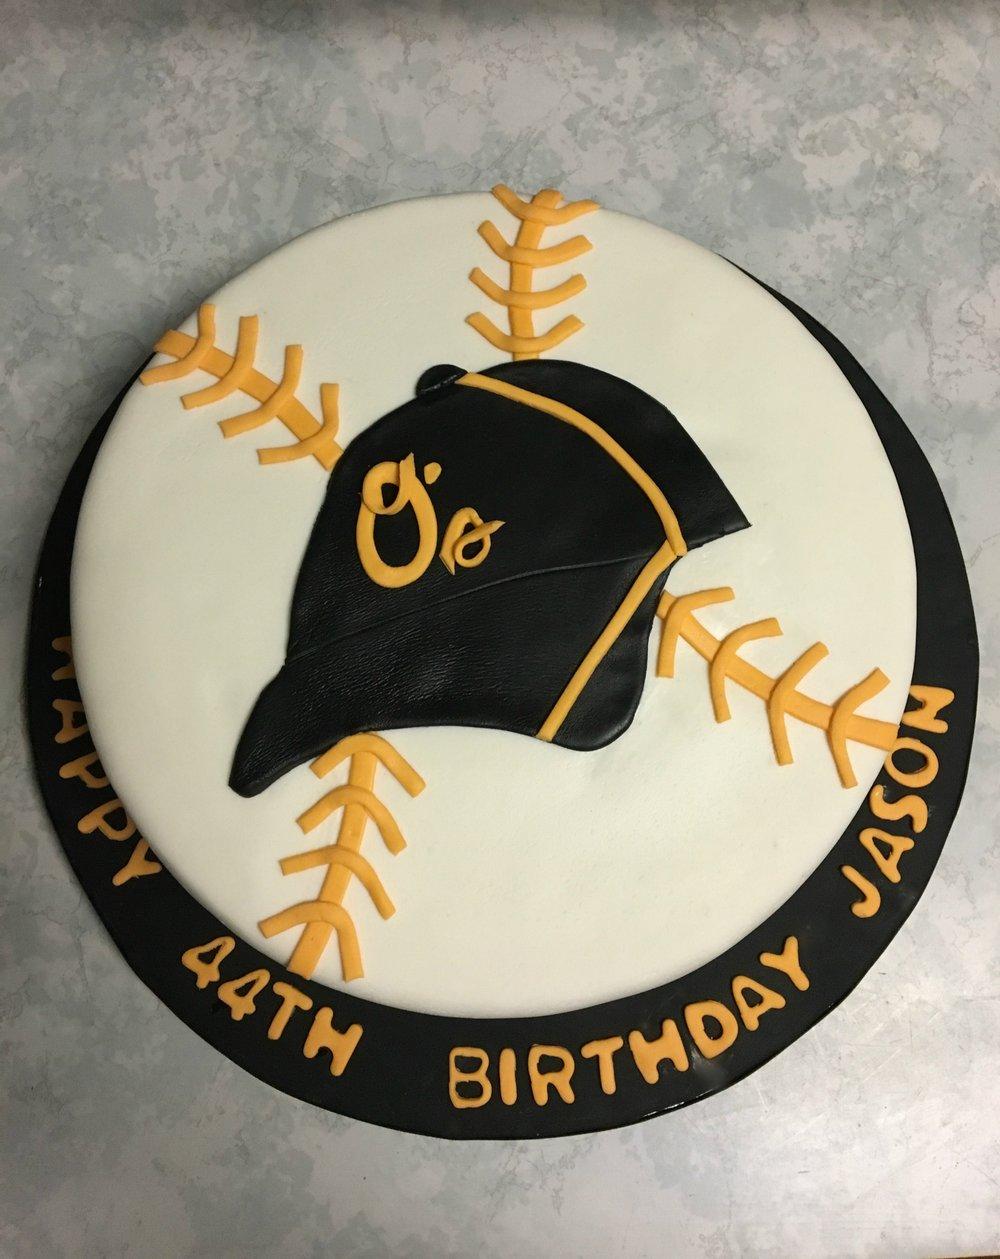 orioles cake 1.jpg